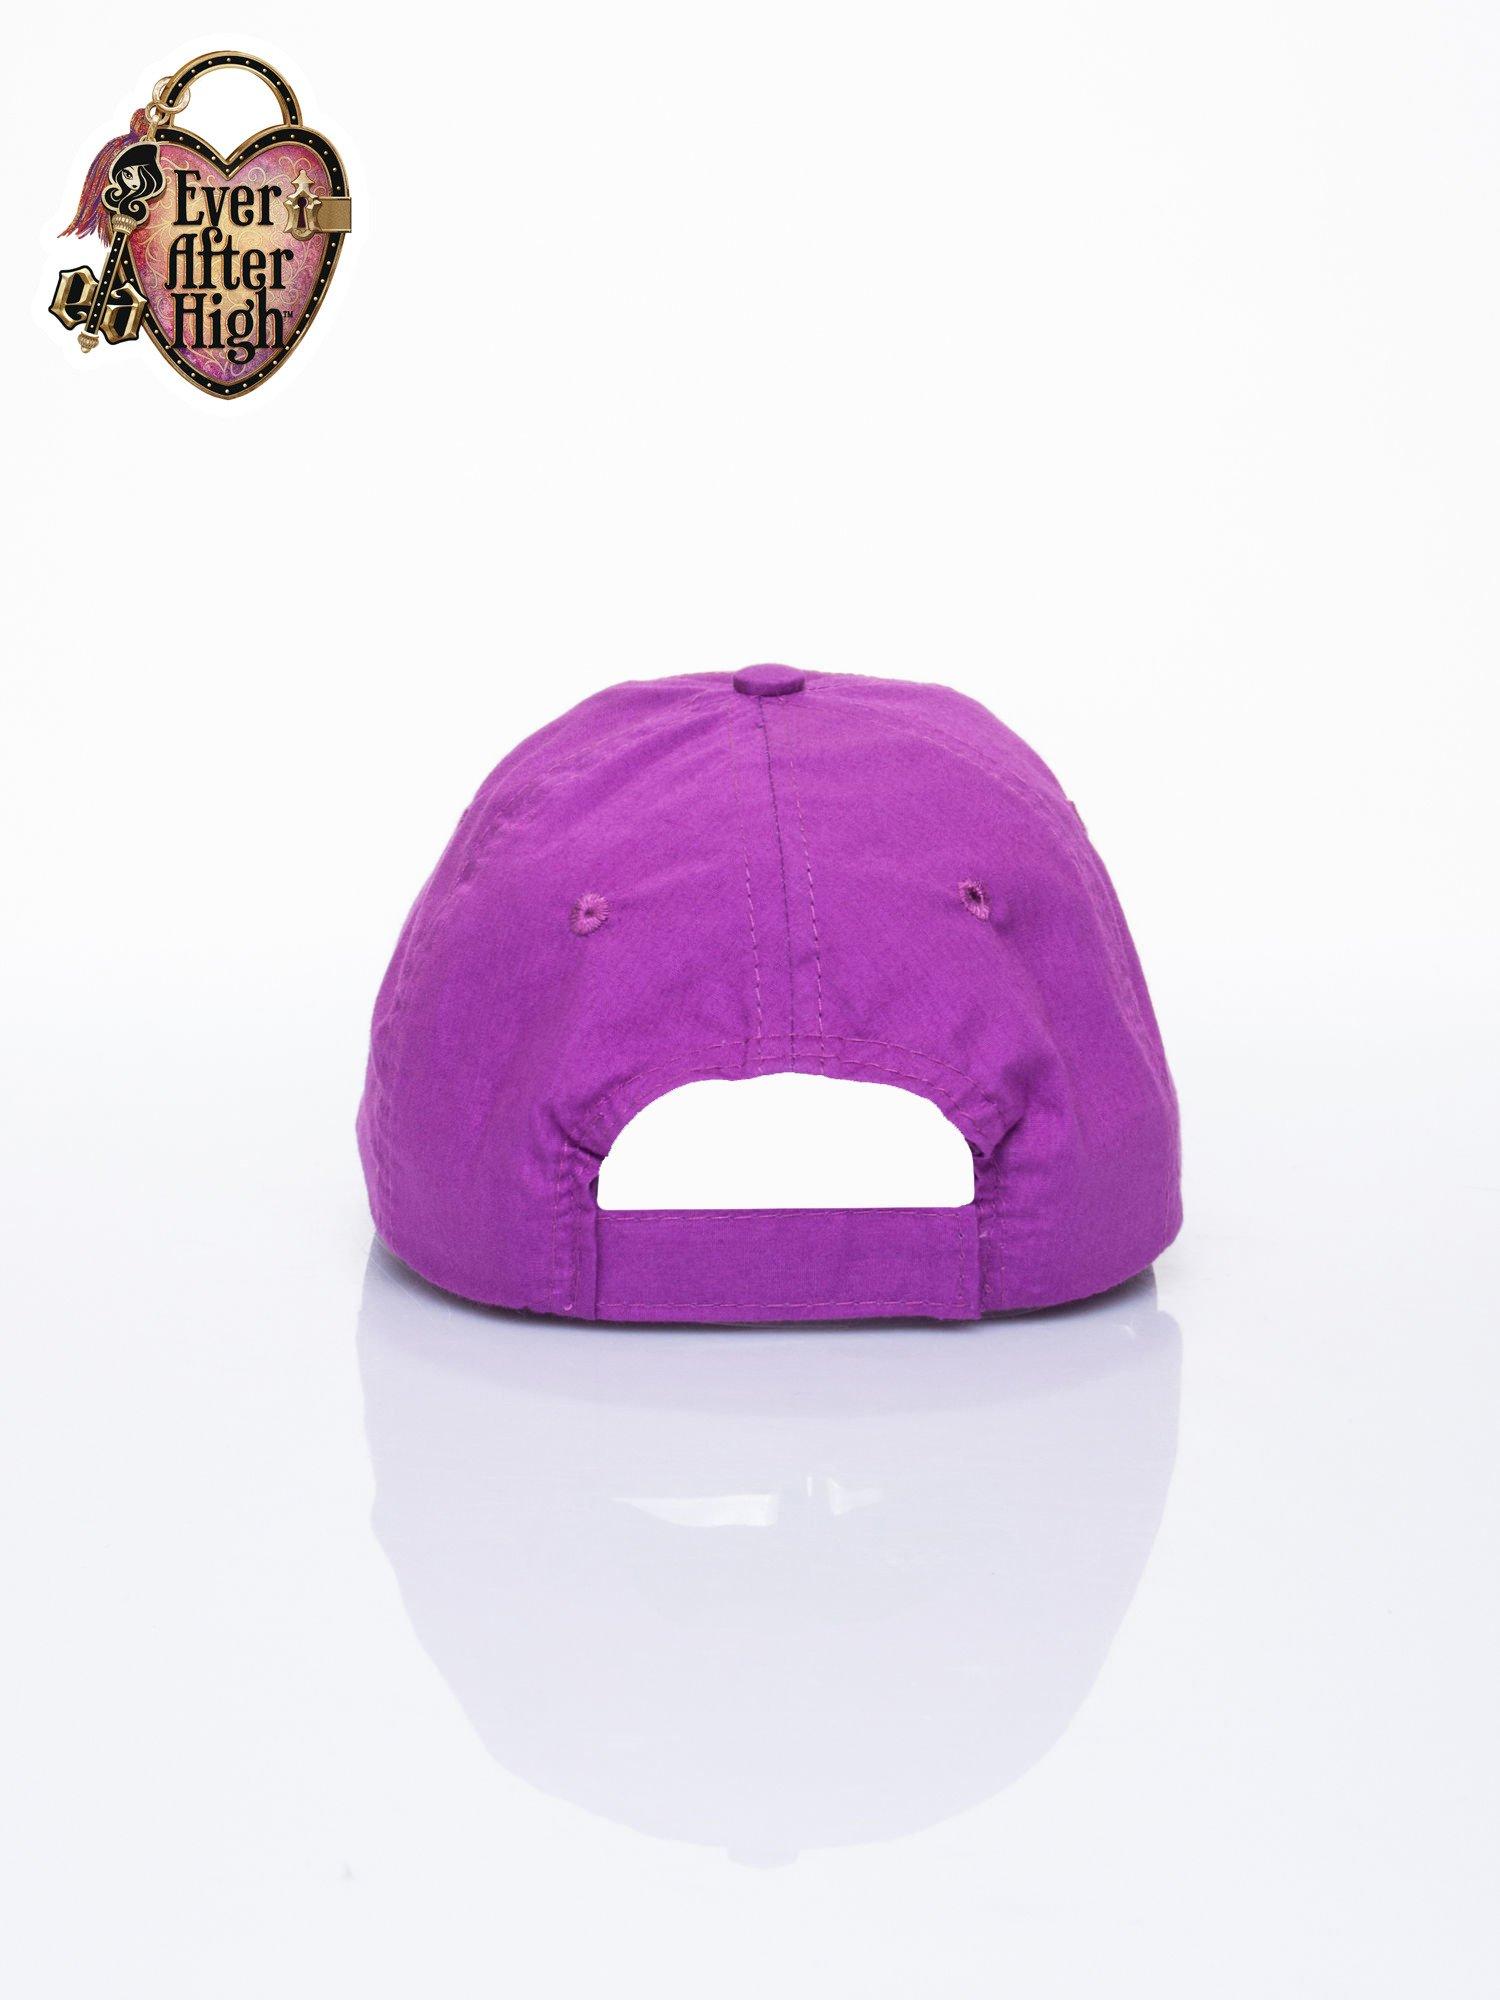 Fioletowa czapka z daszkiem dla dziewczynki EVER AFTER HIGH                                  zdj.                                  3